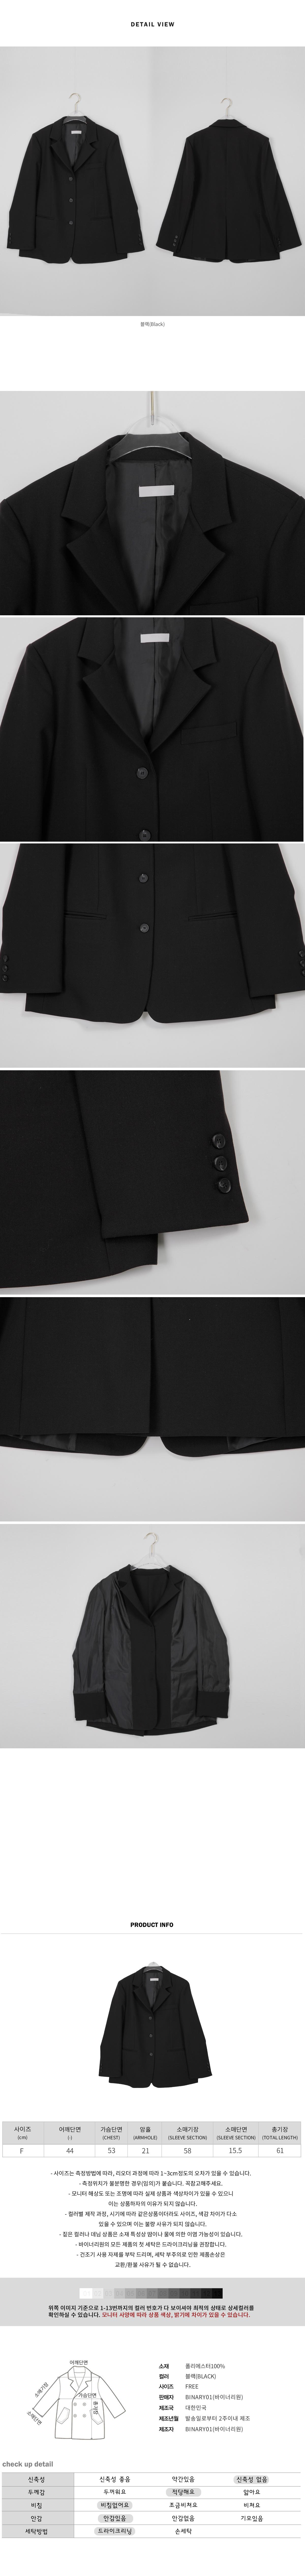 Loose-fit Margaret Single Jacket